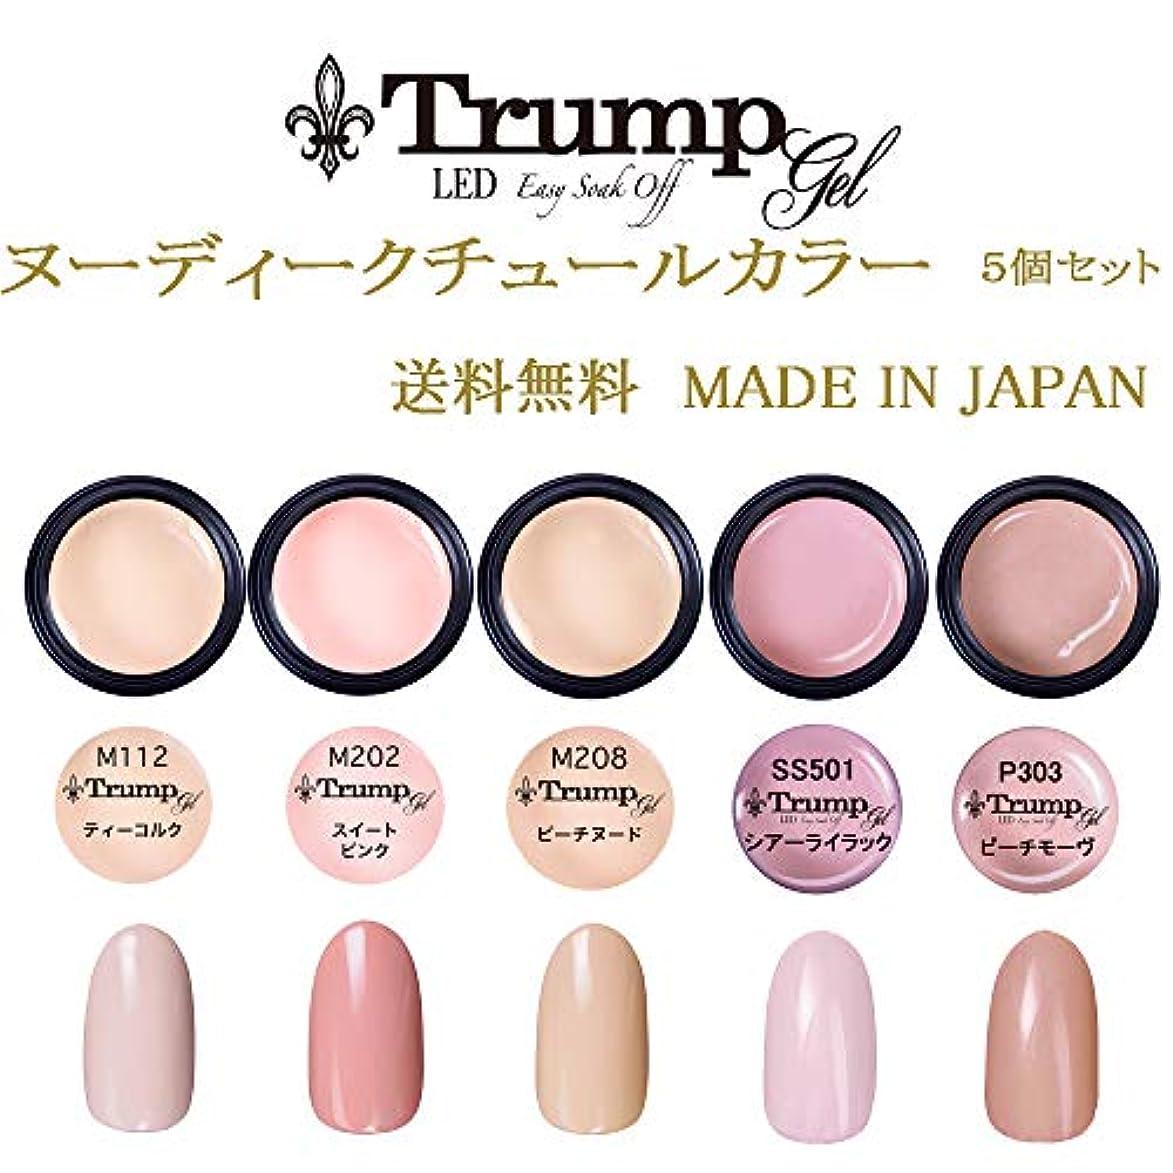 単独で器具準備した【送料無料】日本製 Trump gel トランプジェルヌーディクチュールカラージェル 5個セット肌馴染みの良い ヌーデイクチュールカラージェルセット